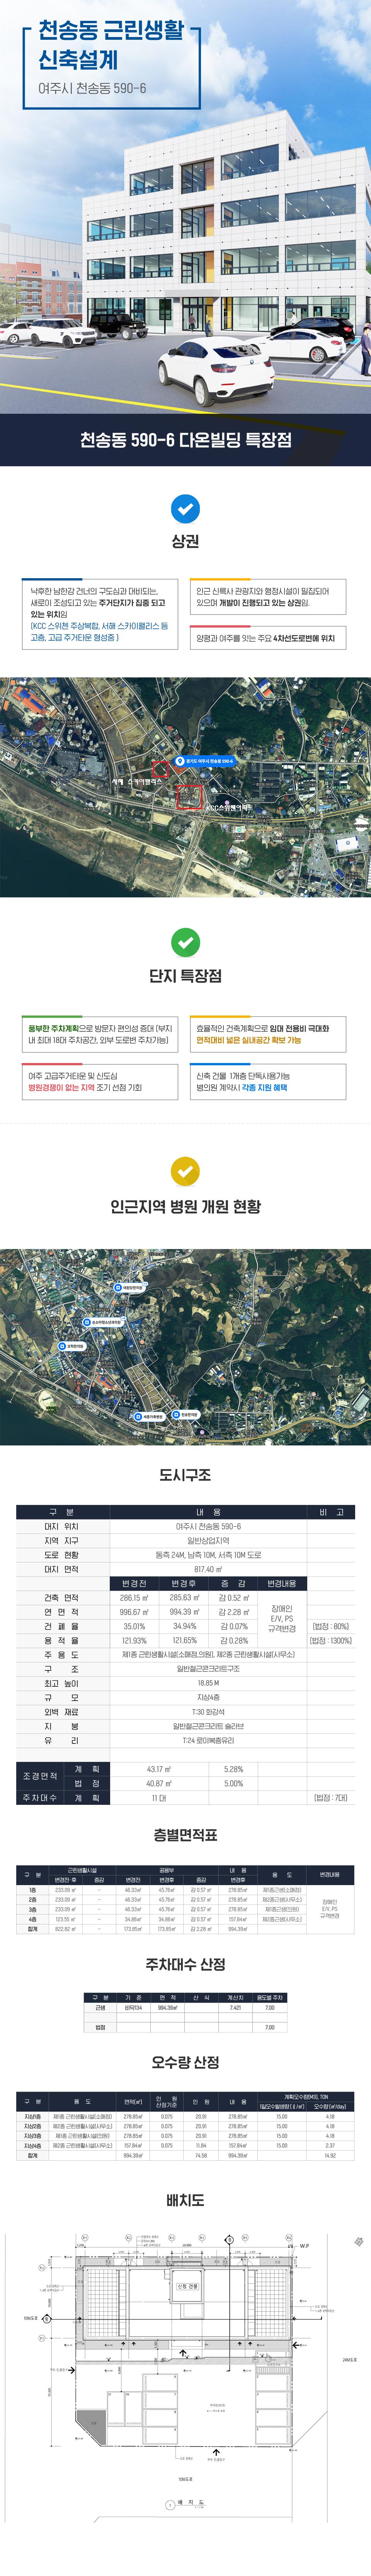 천송동_다온빌딩